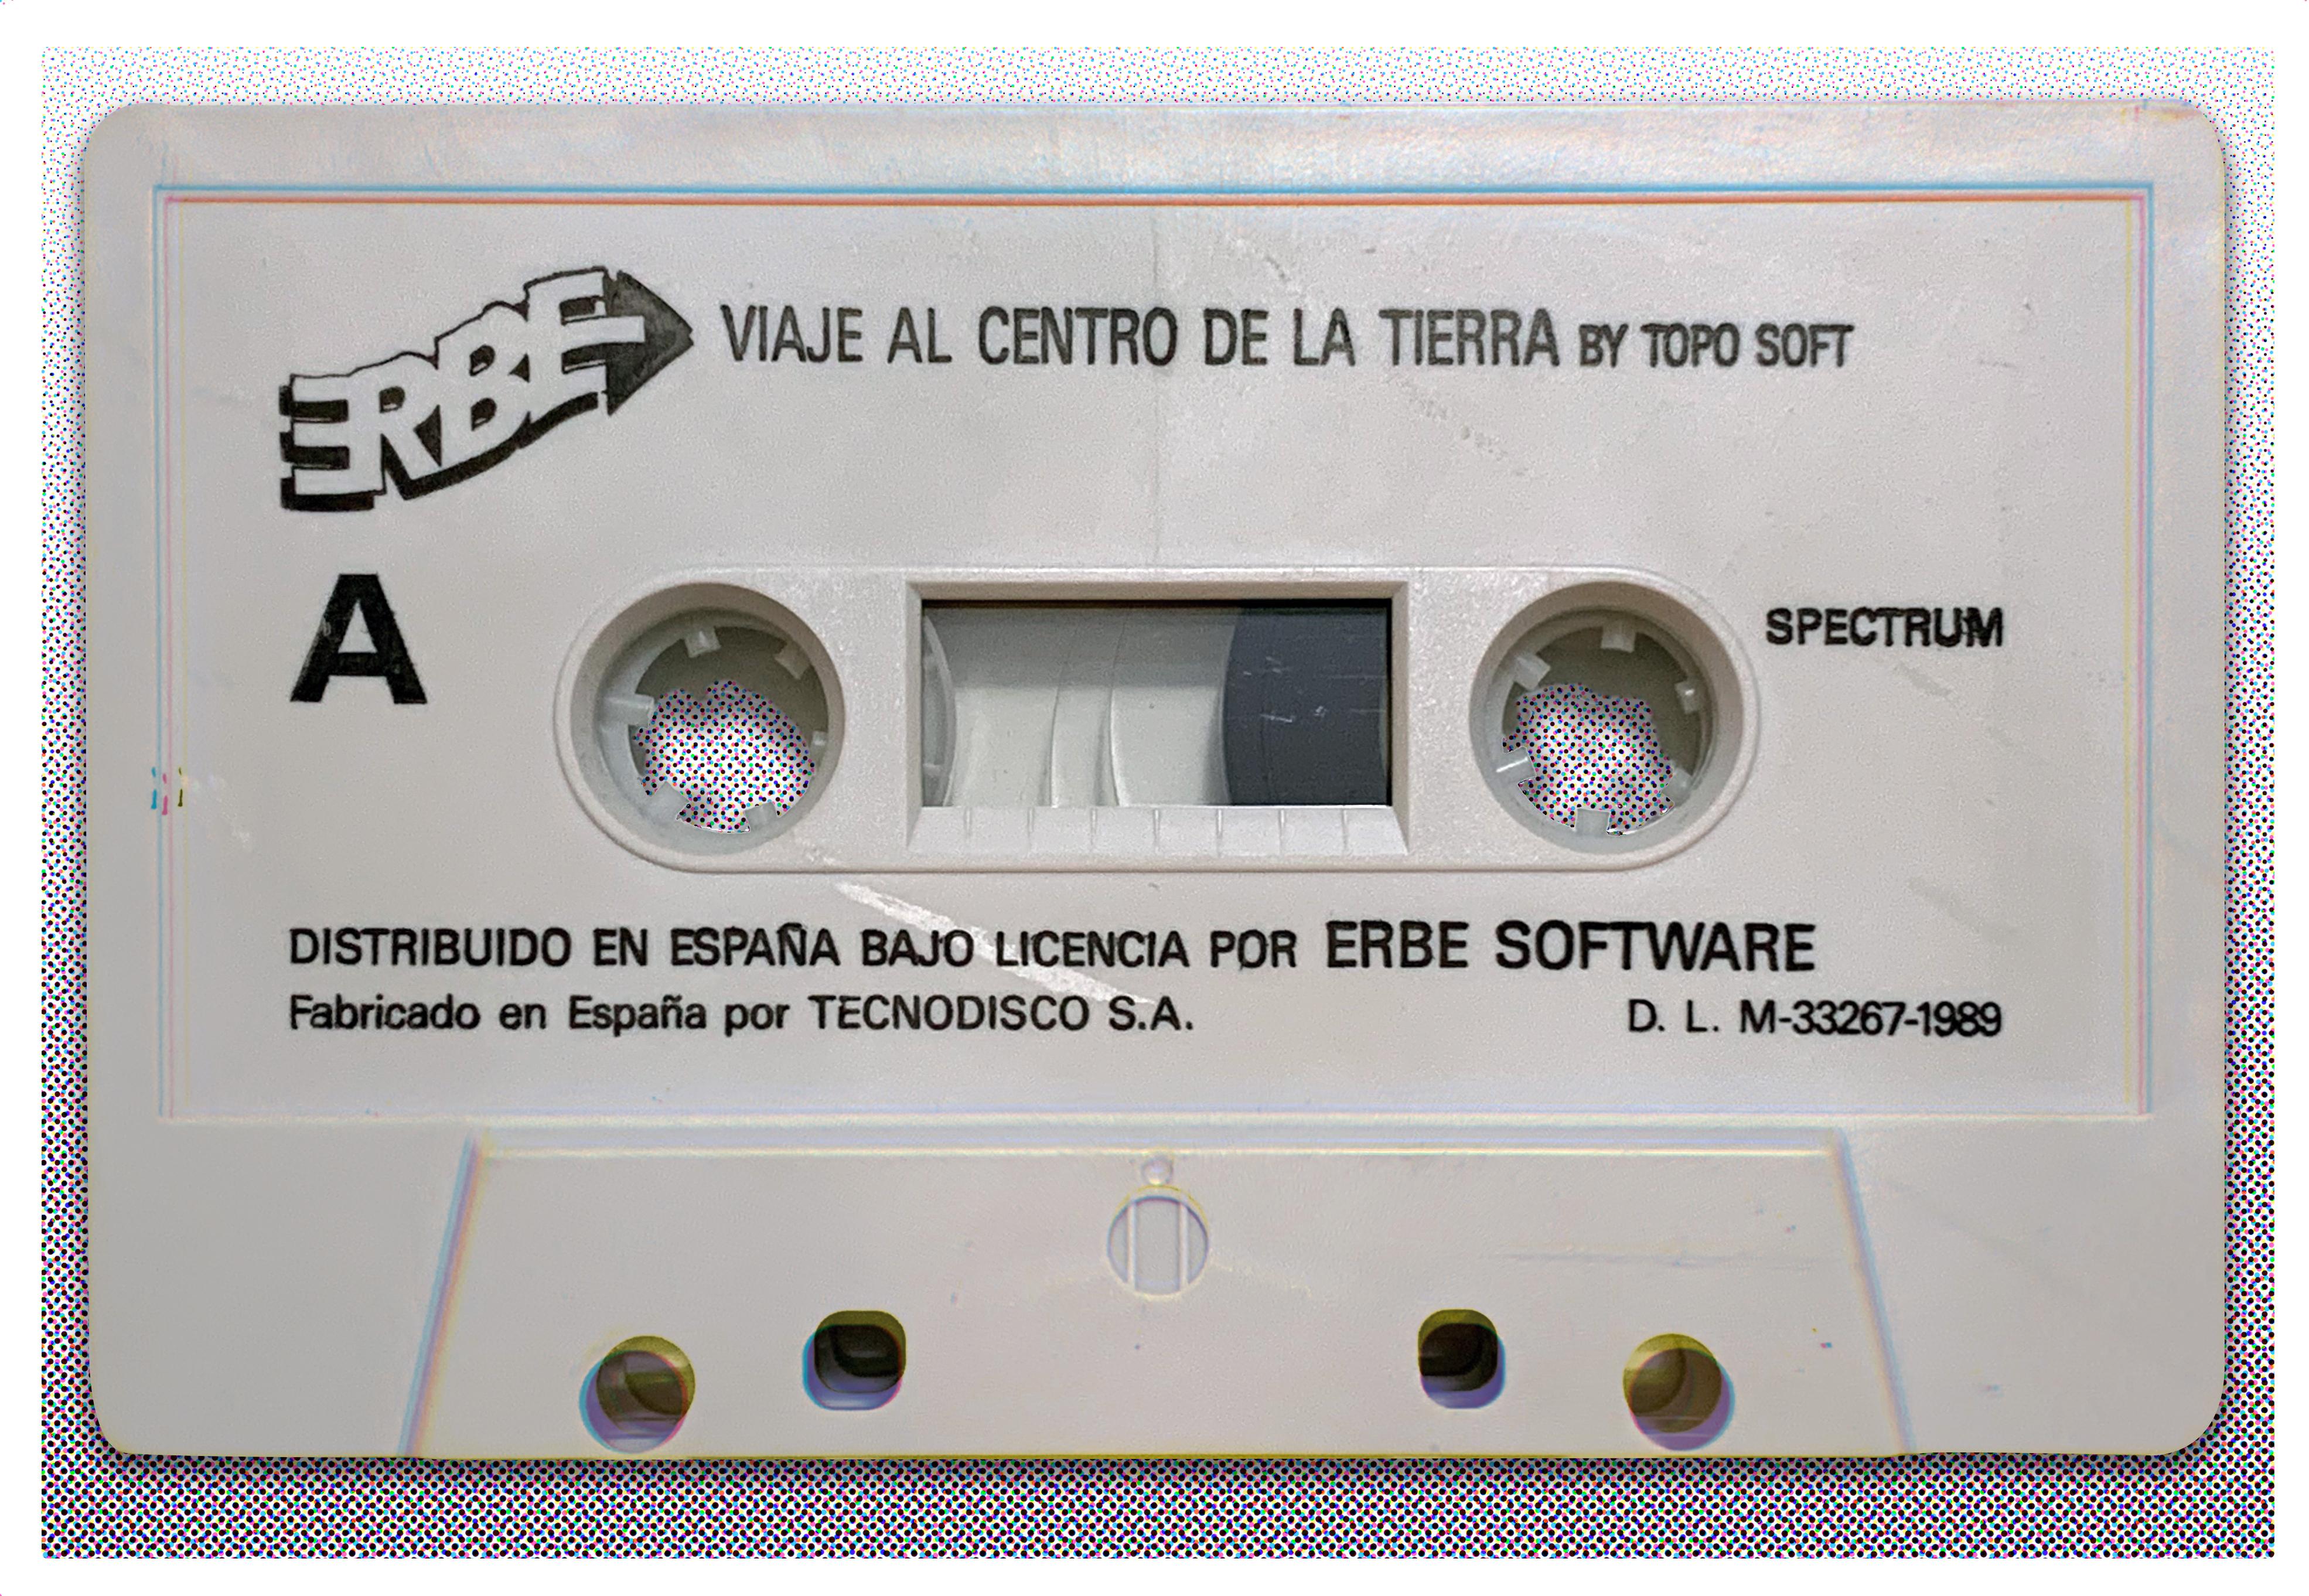 Viaje al Centro de la Tierra: El millonario sueño roto de la edad de oro del software español